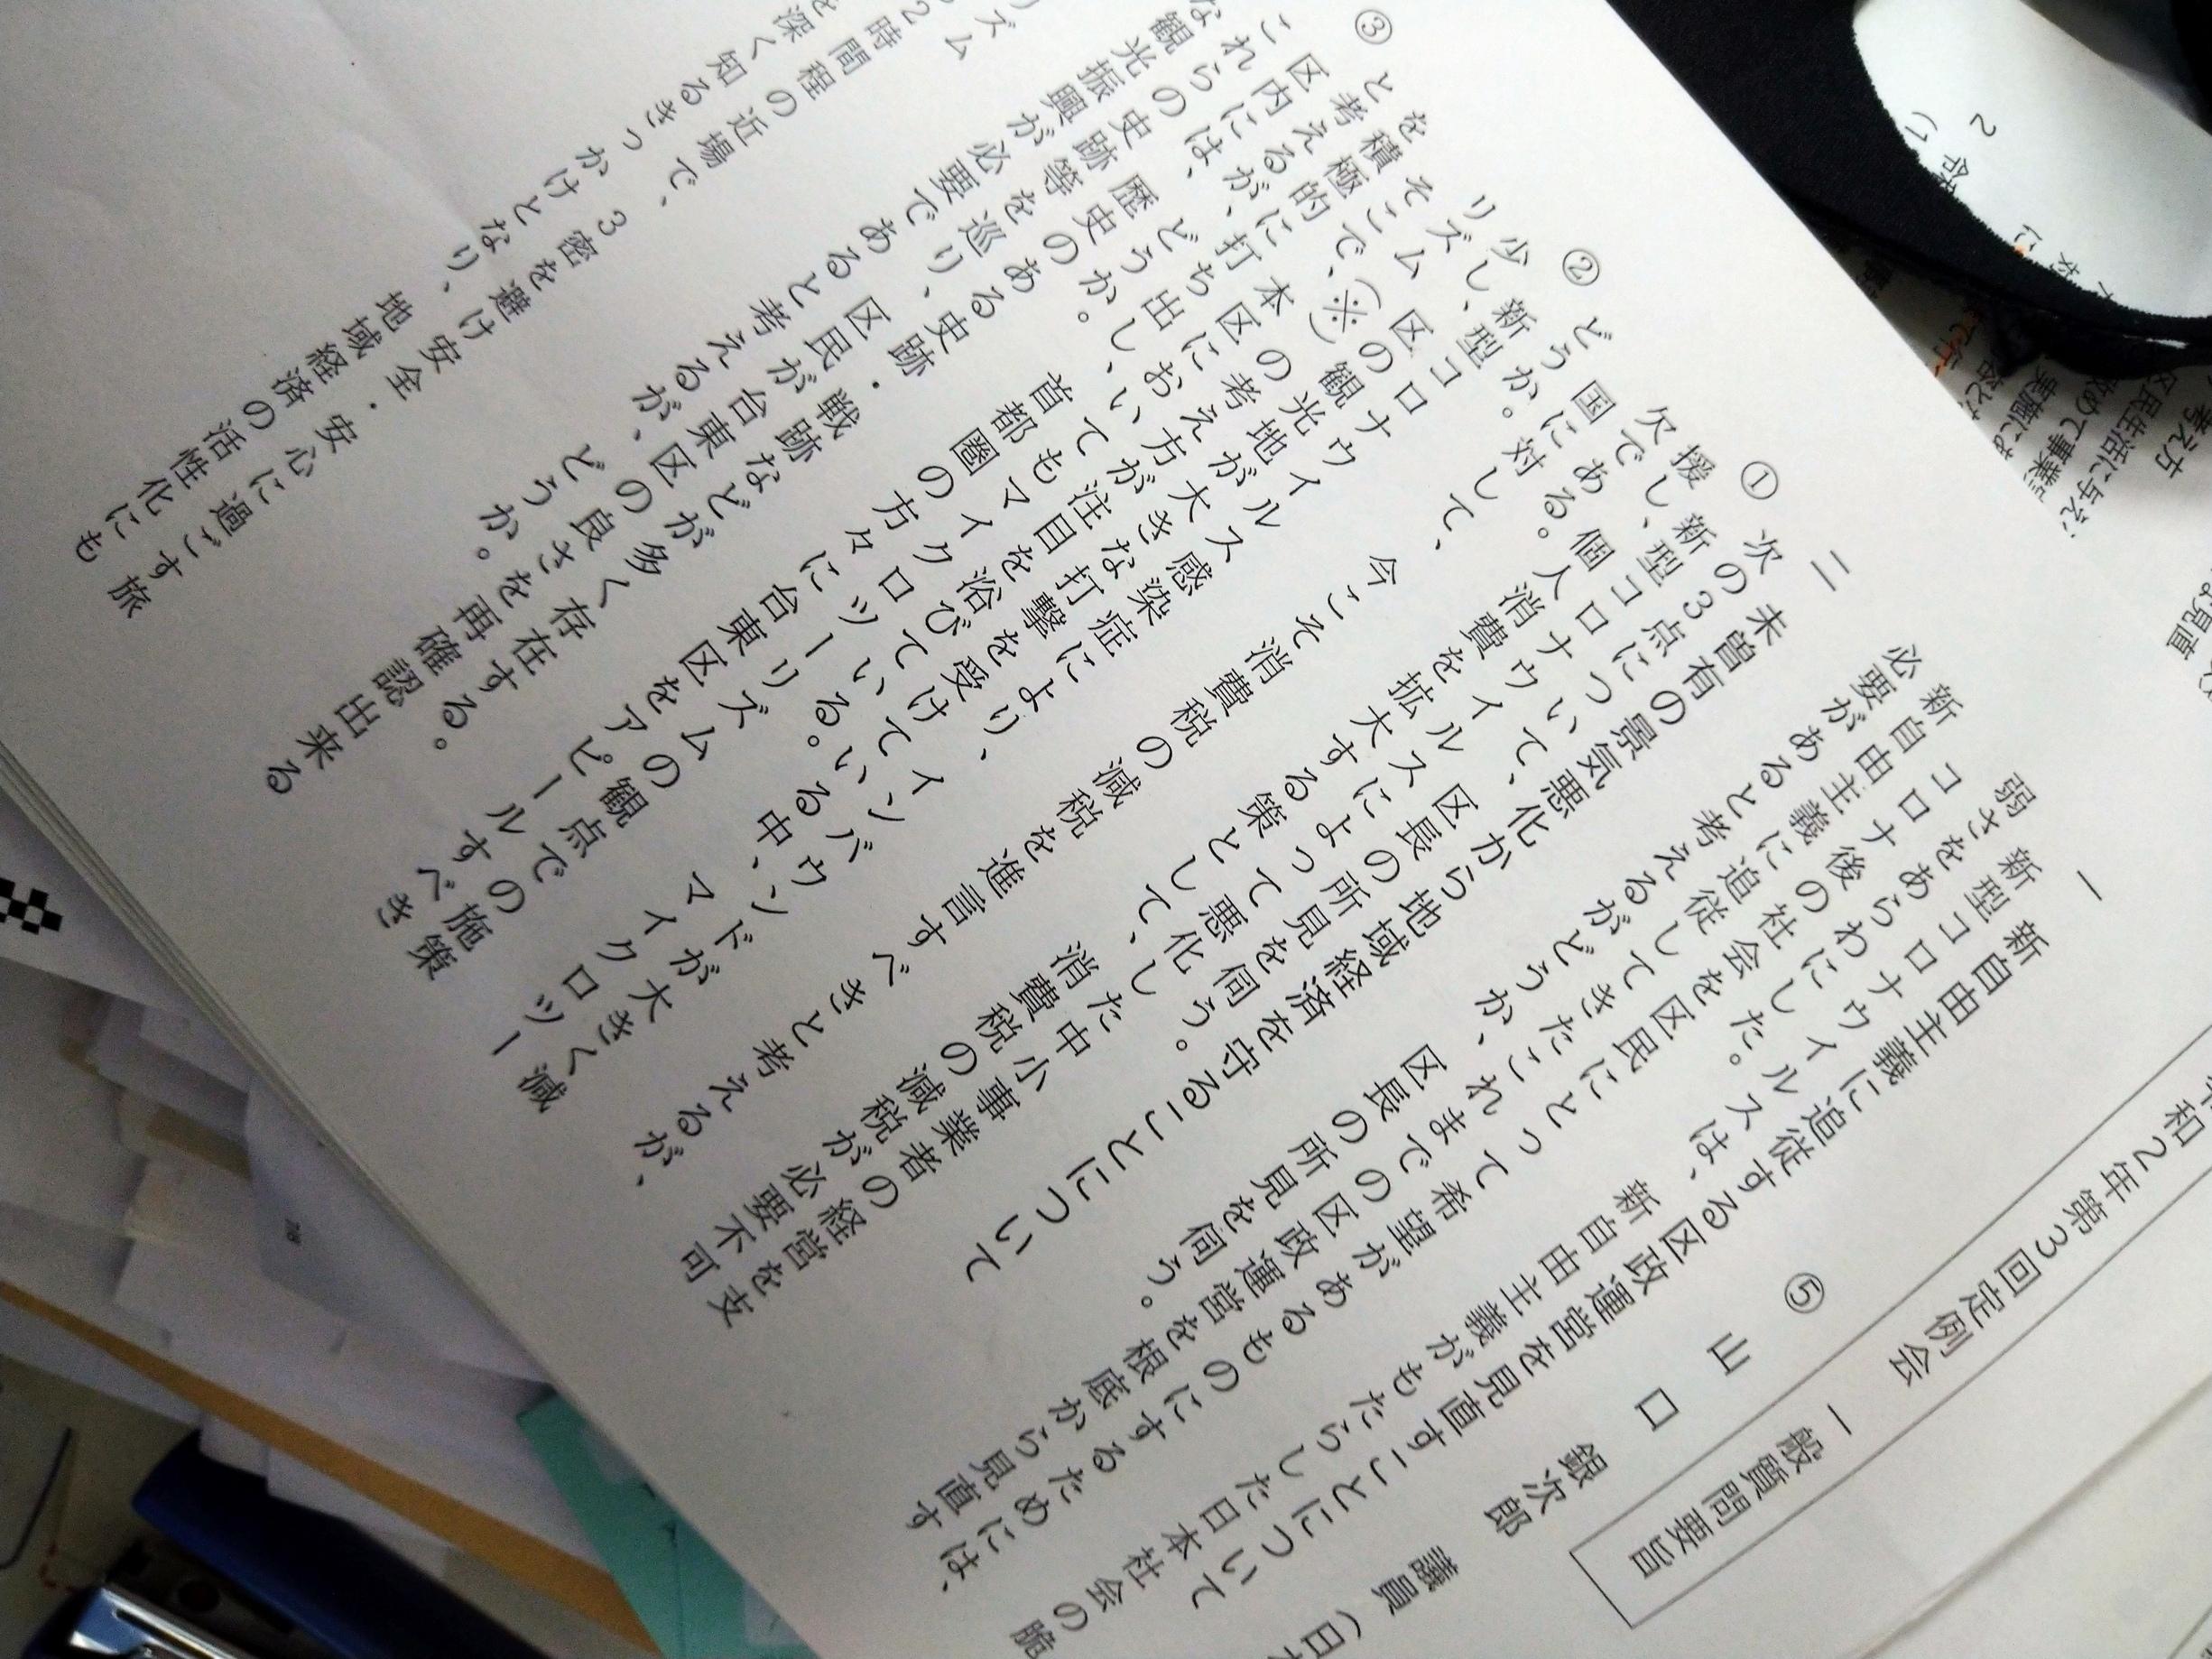 台東区長は新自由主義への追従から転換を~第三回定例会で日本共産党区議団が一般質問